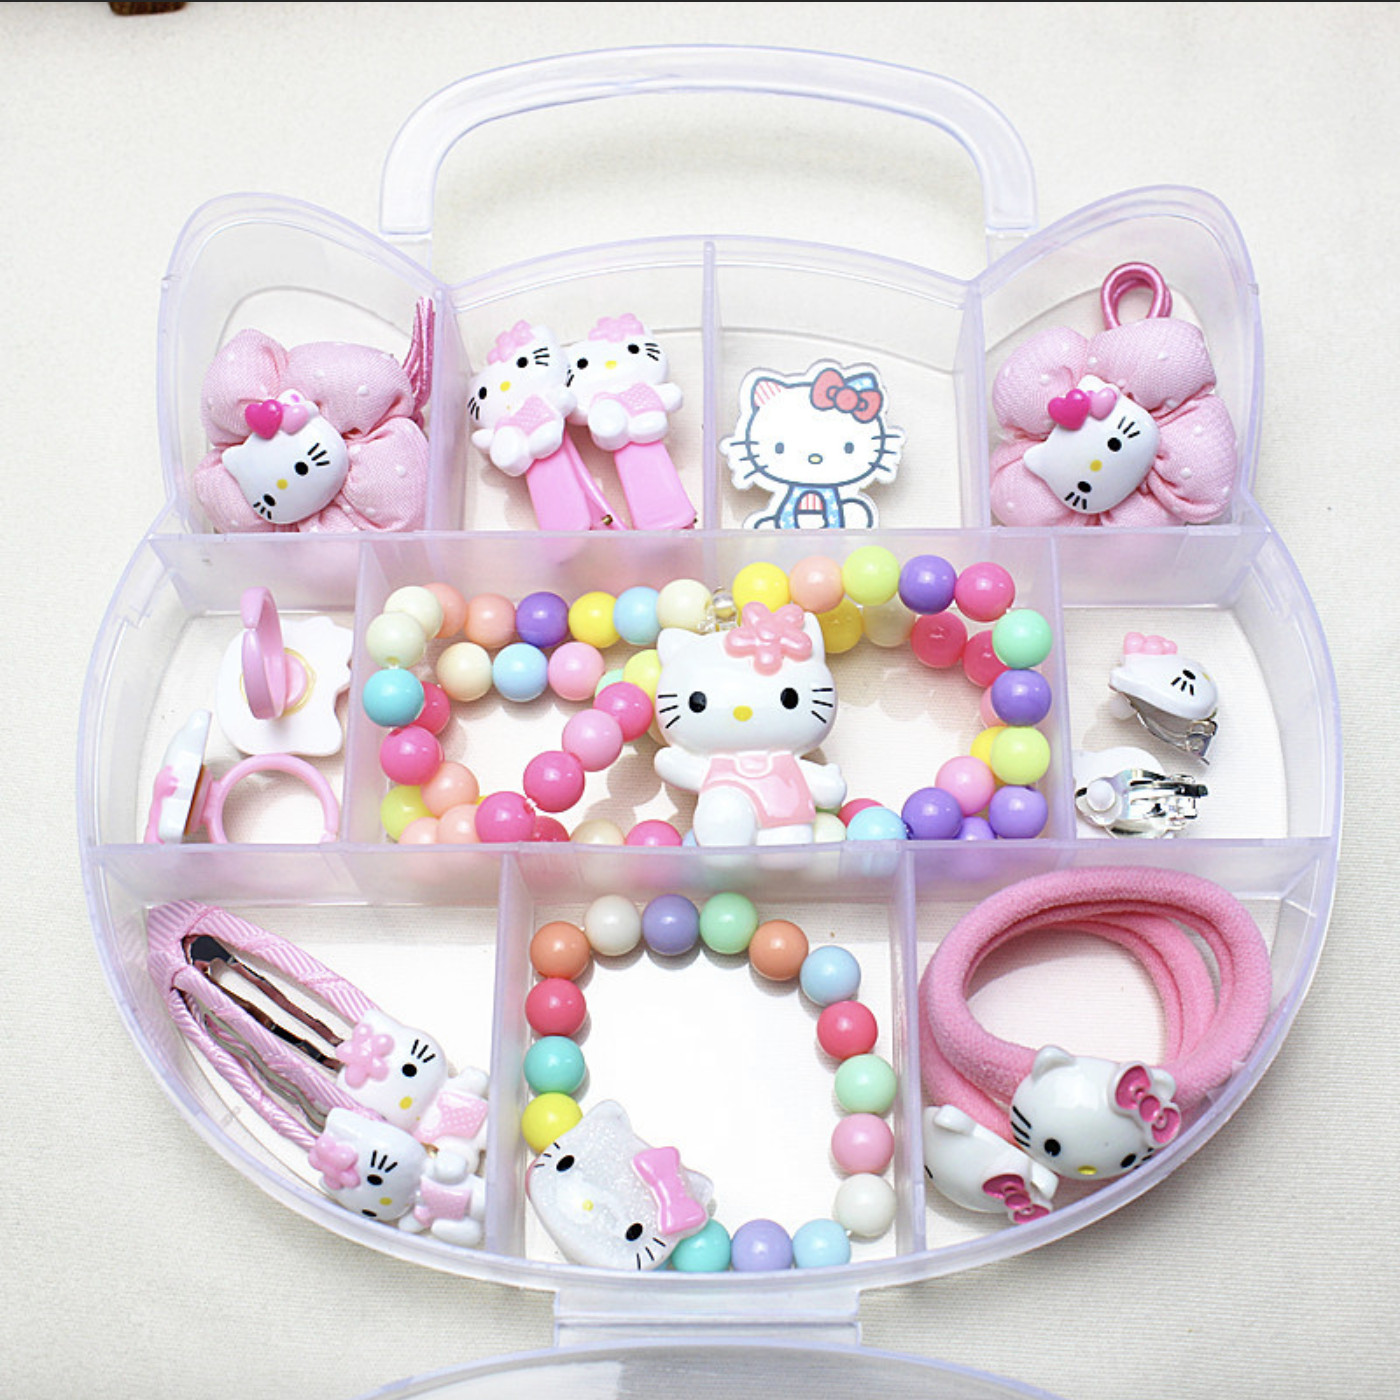 Hộp trang sức xinh xắn cho bé gái Hello Kitty nhiều màu hình đầu mèo - Combo 15 đôi